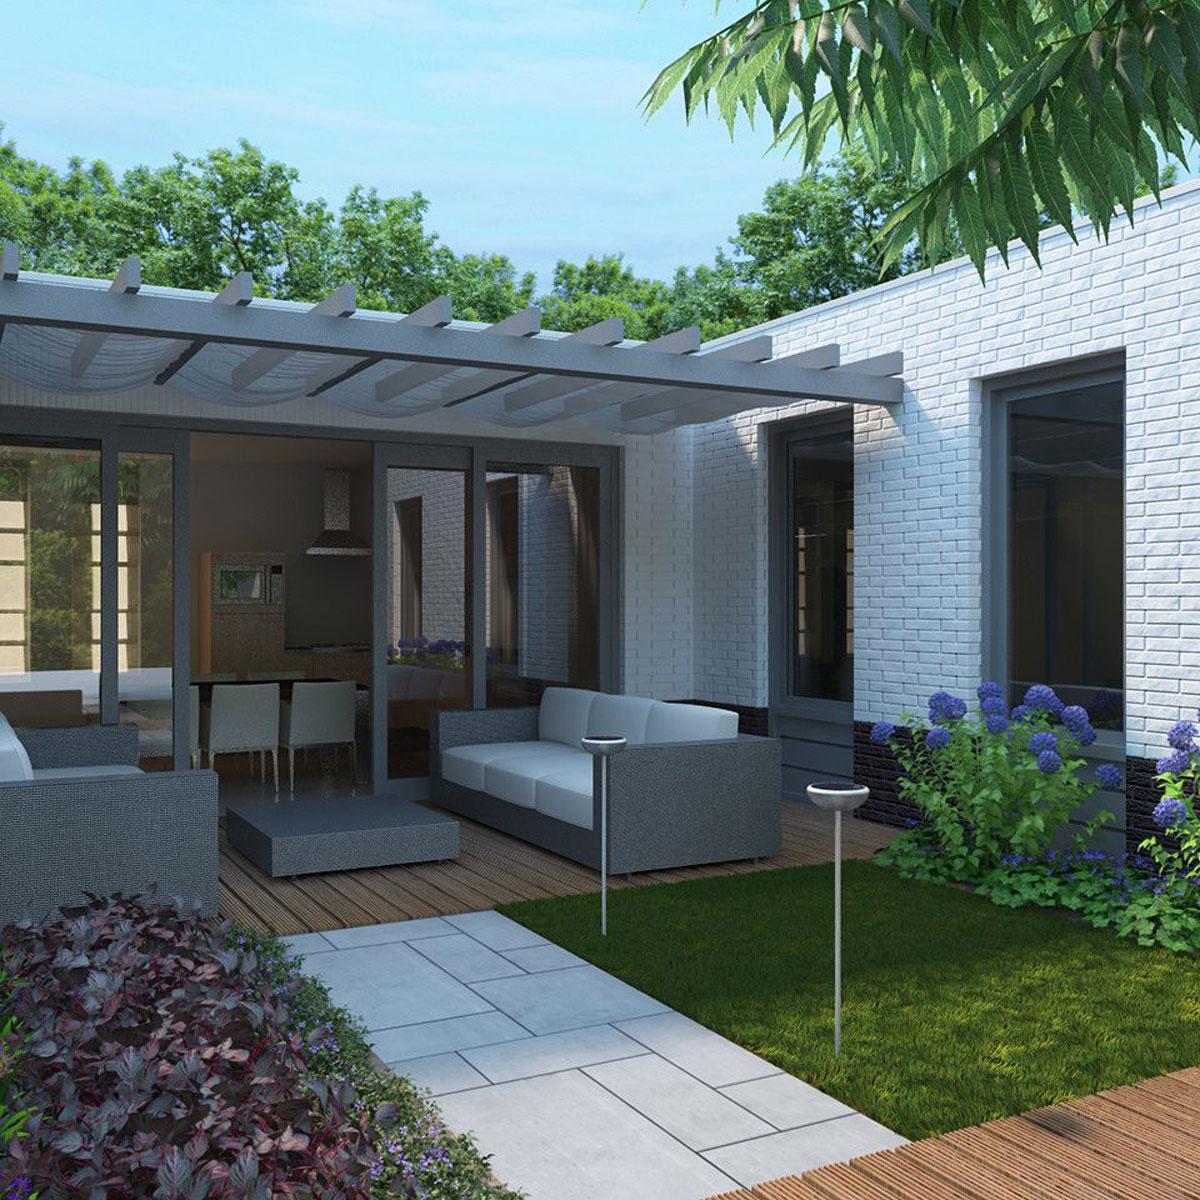 Philips mygarden well sokkel rvs zonne energie - Philips my garden ...